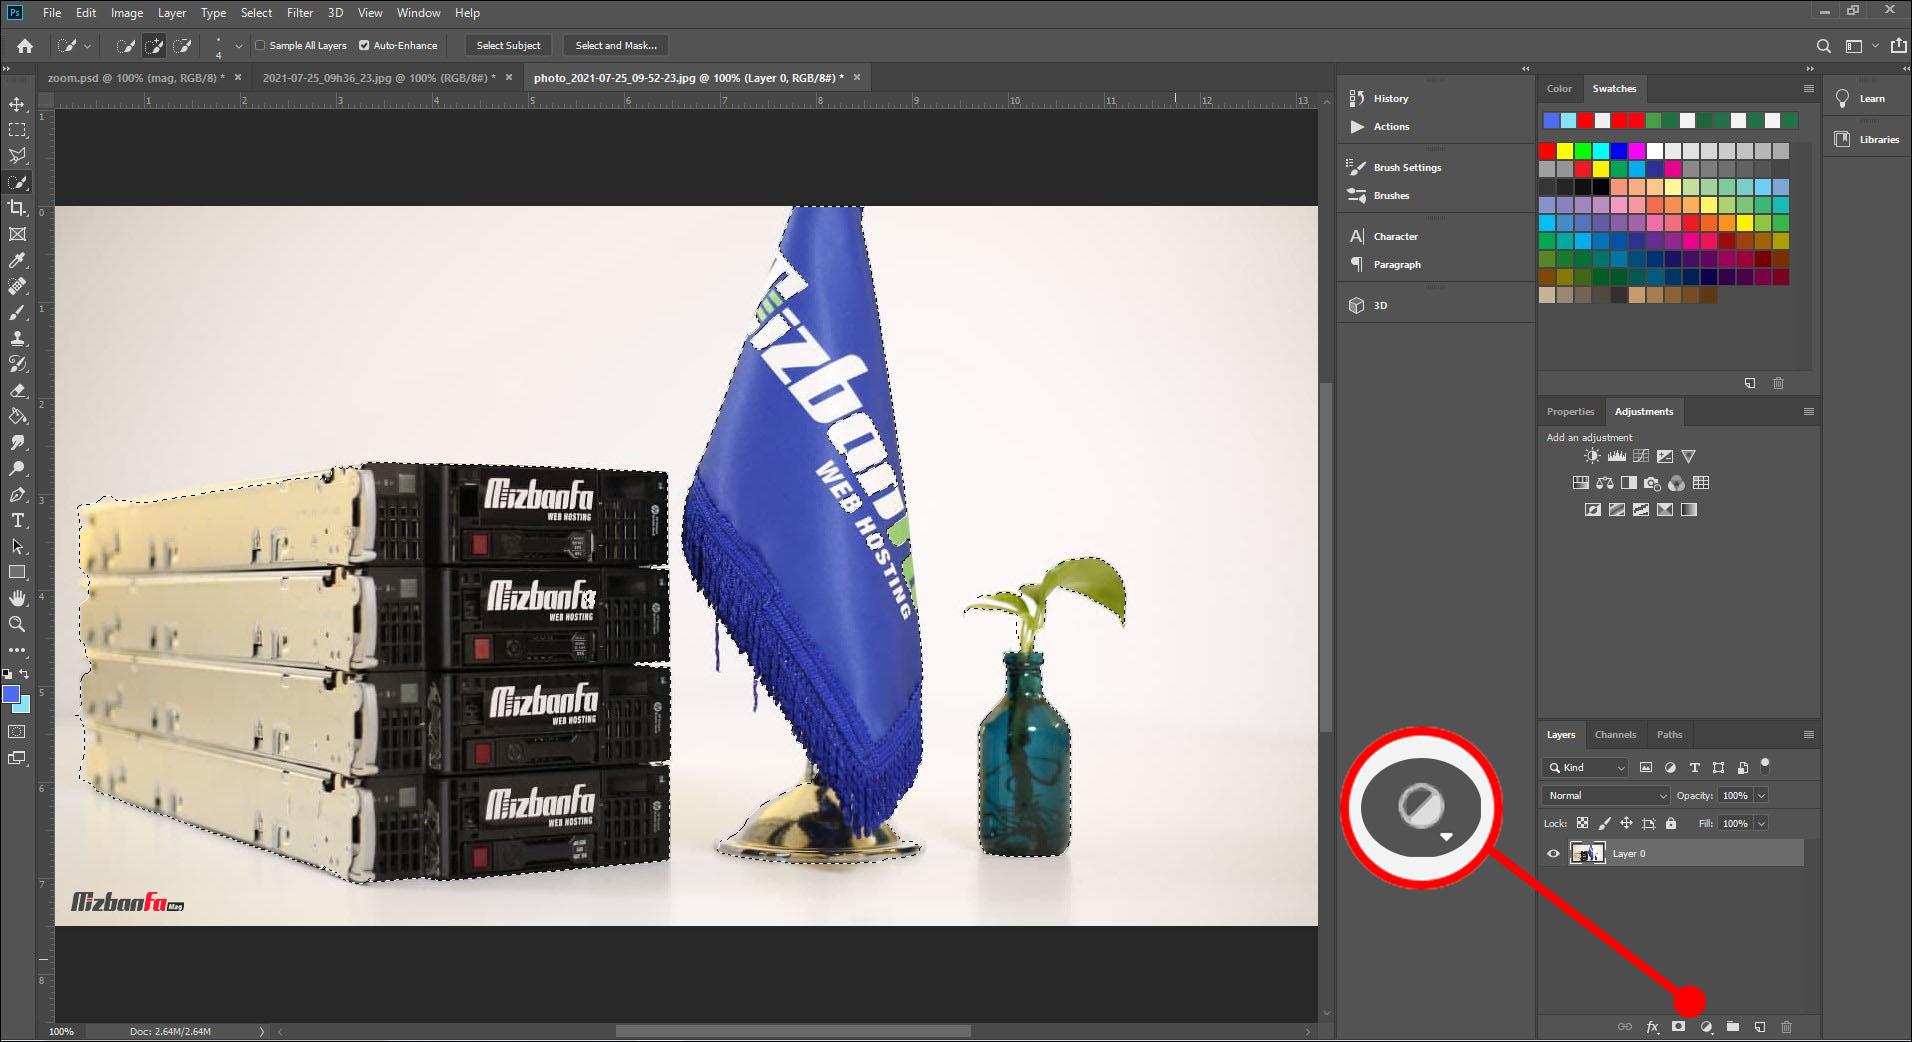 آموزش تغییر پس زمینه عکس در فتوشاپ cc